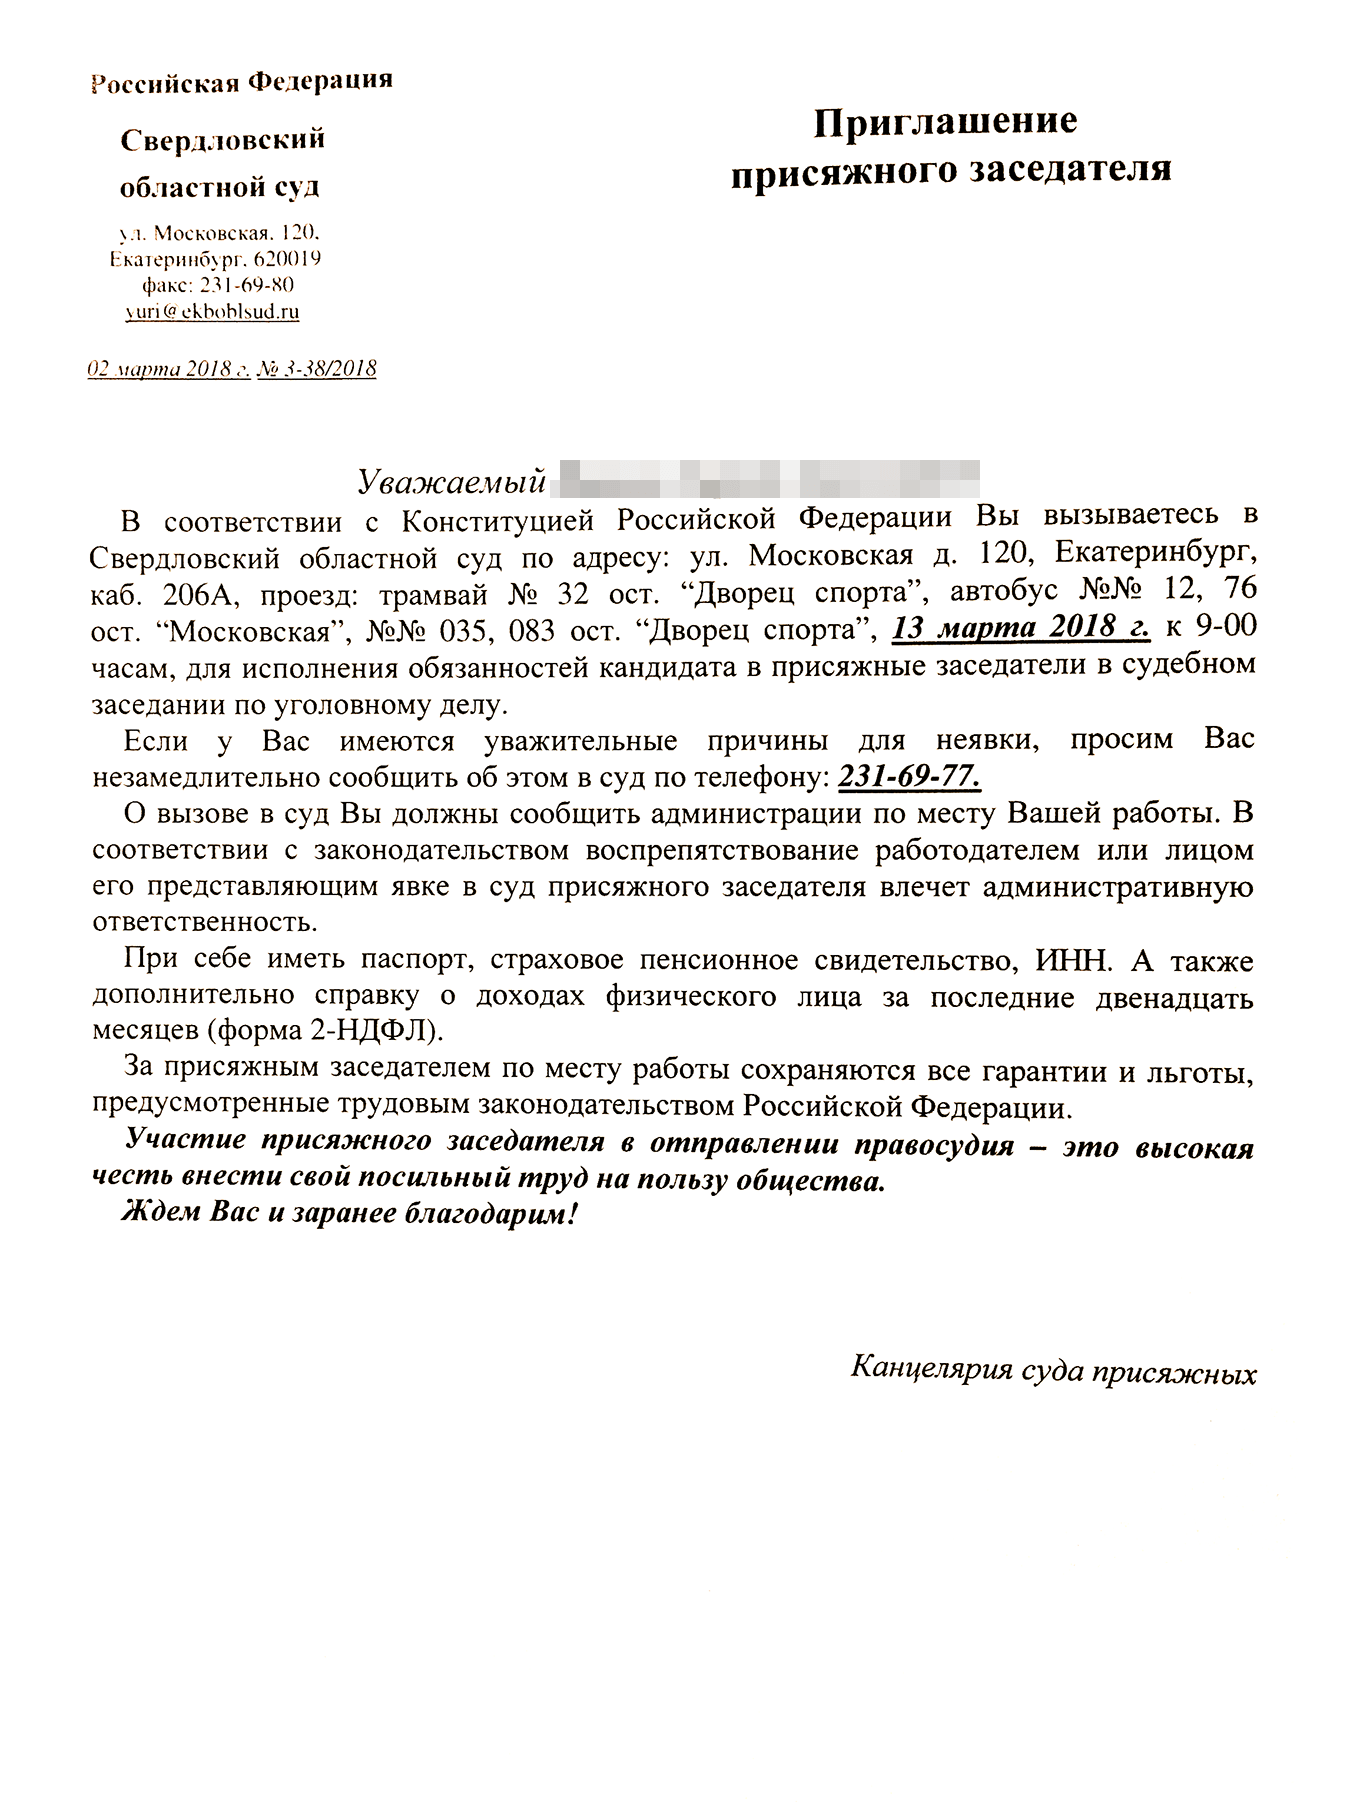 Стандартное приглашение присяжного заседателя в суд. Отвечать на него не нужно, достаточно просто явиться